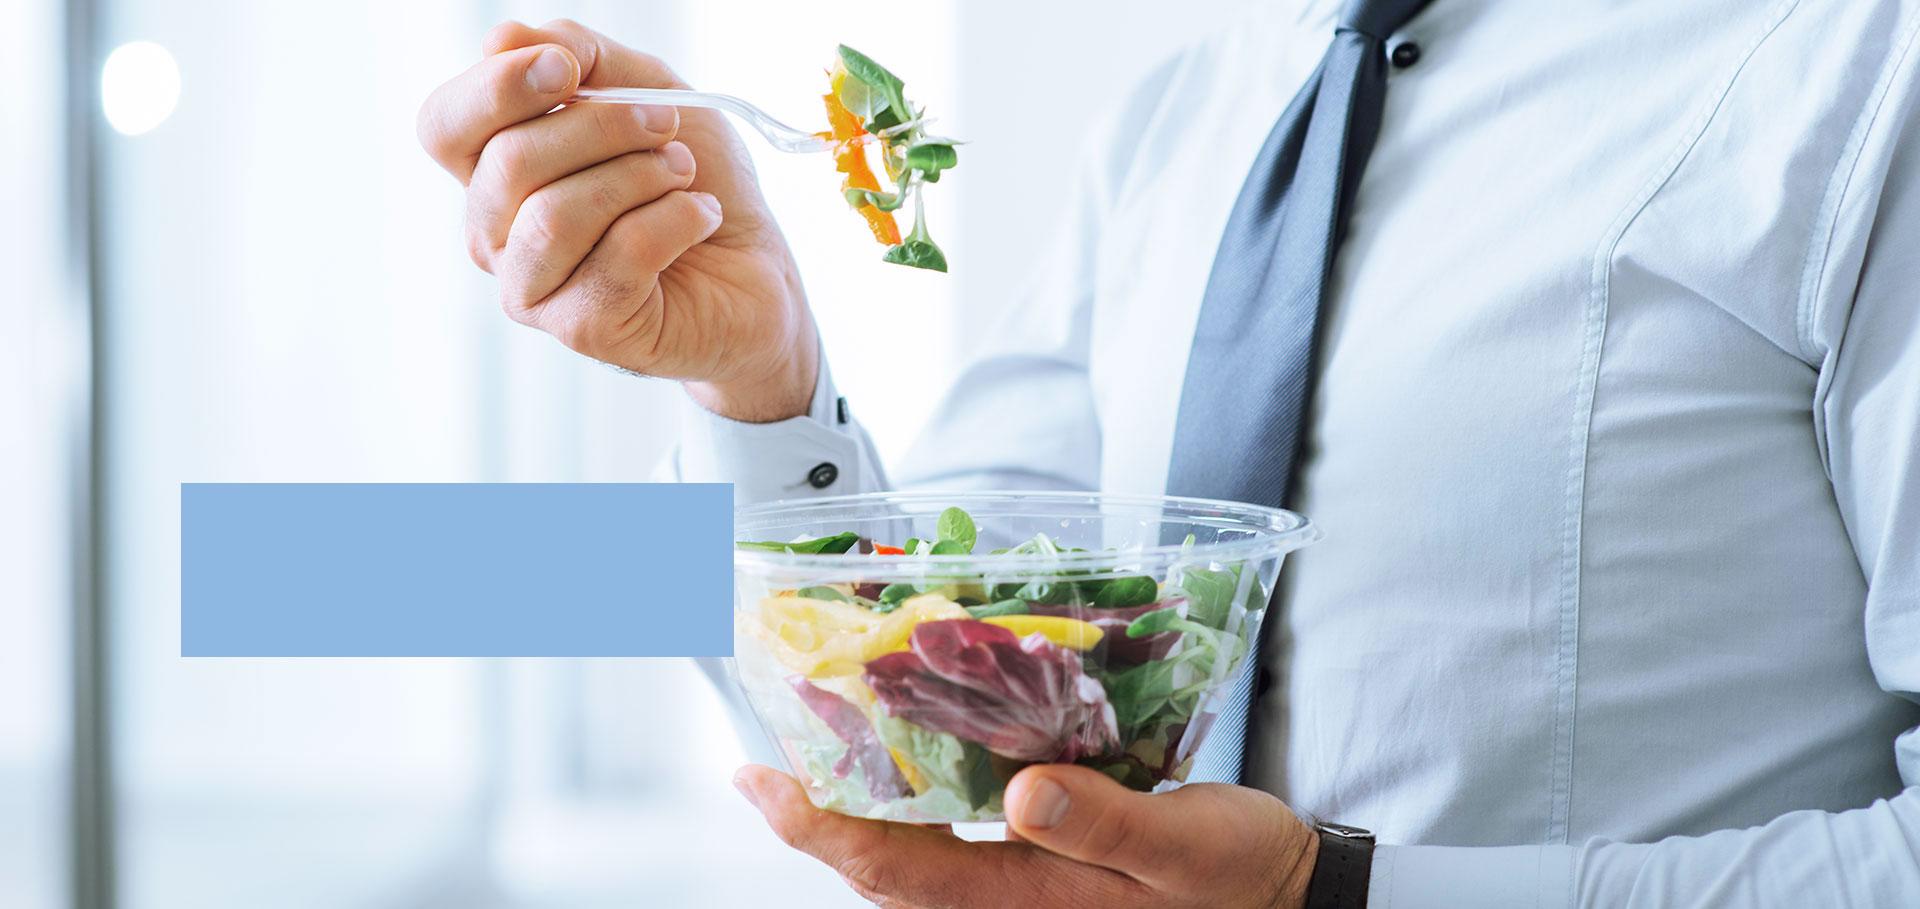 (ESP) Proyecto europeo Shealthy. Una apuesta por la alimentación más saludable